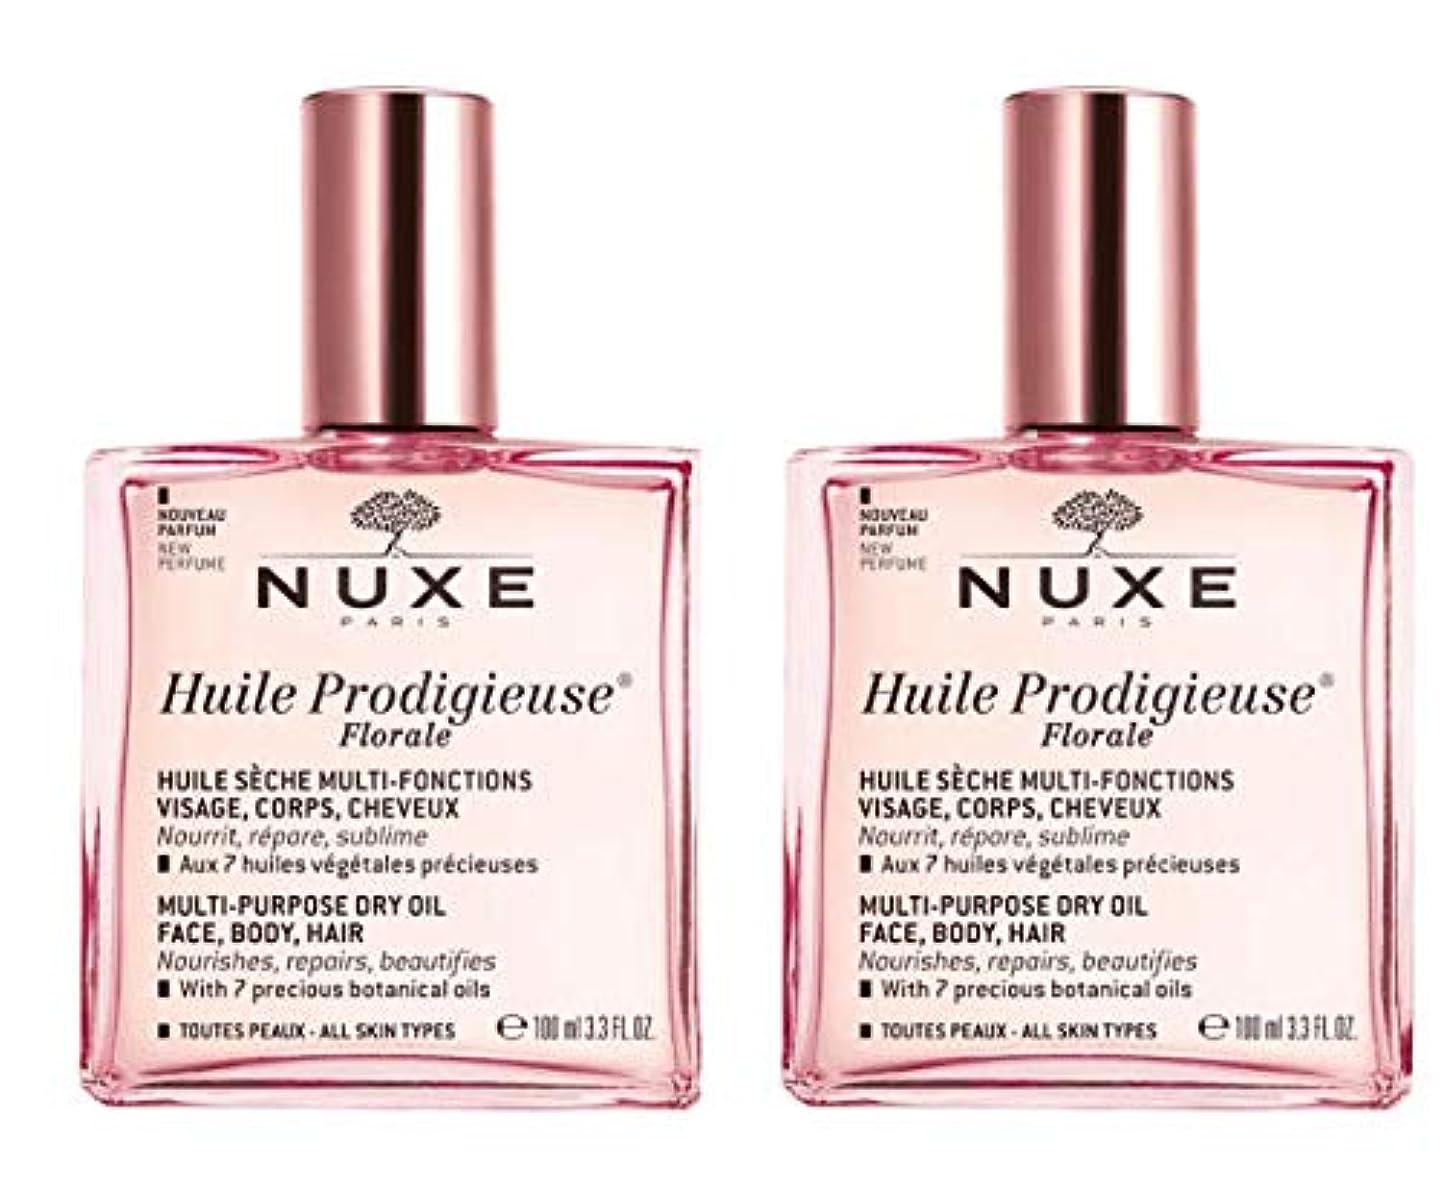 絶対のほとんどの場合瞑想するニュクス NUXE プロディジュー フローラルオイル 100ml 2本セット 花の香りと共に新発売 海外直送品